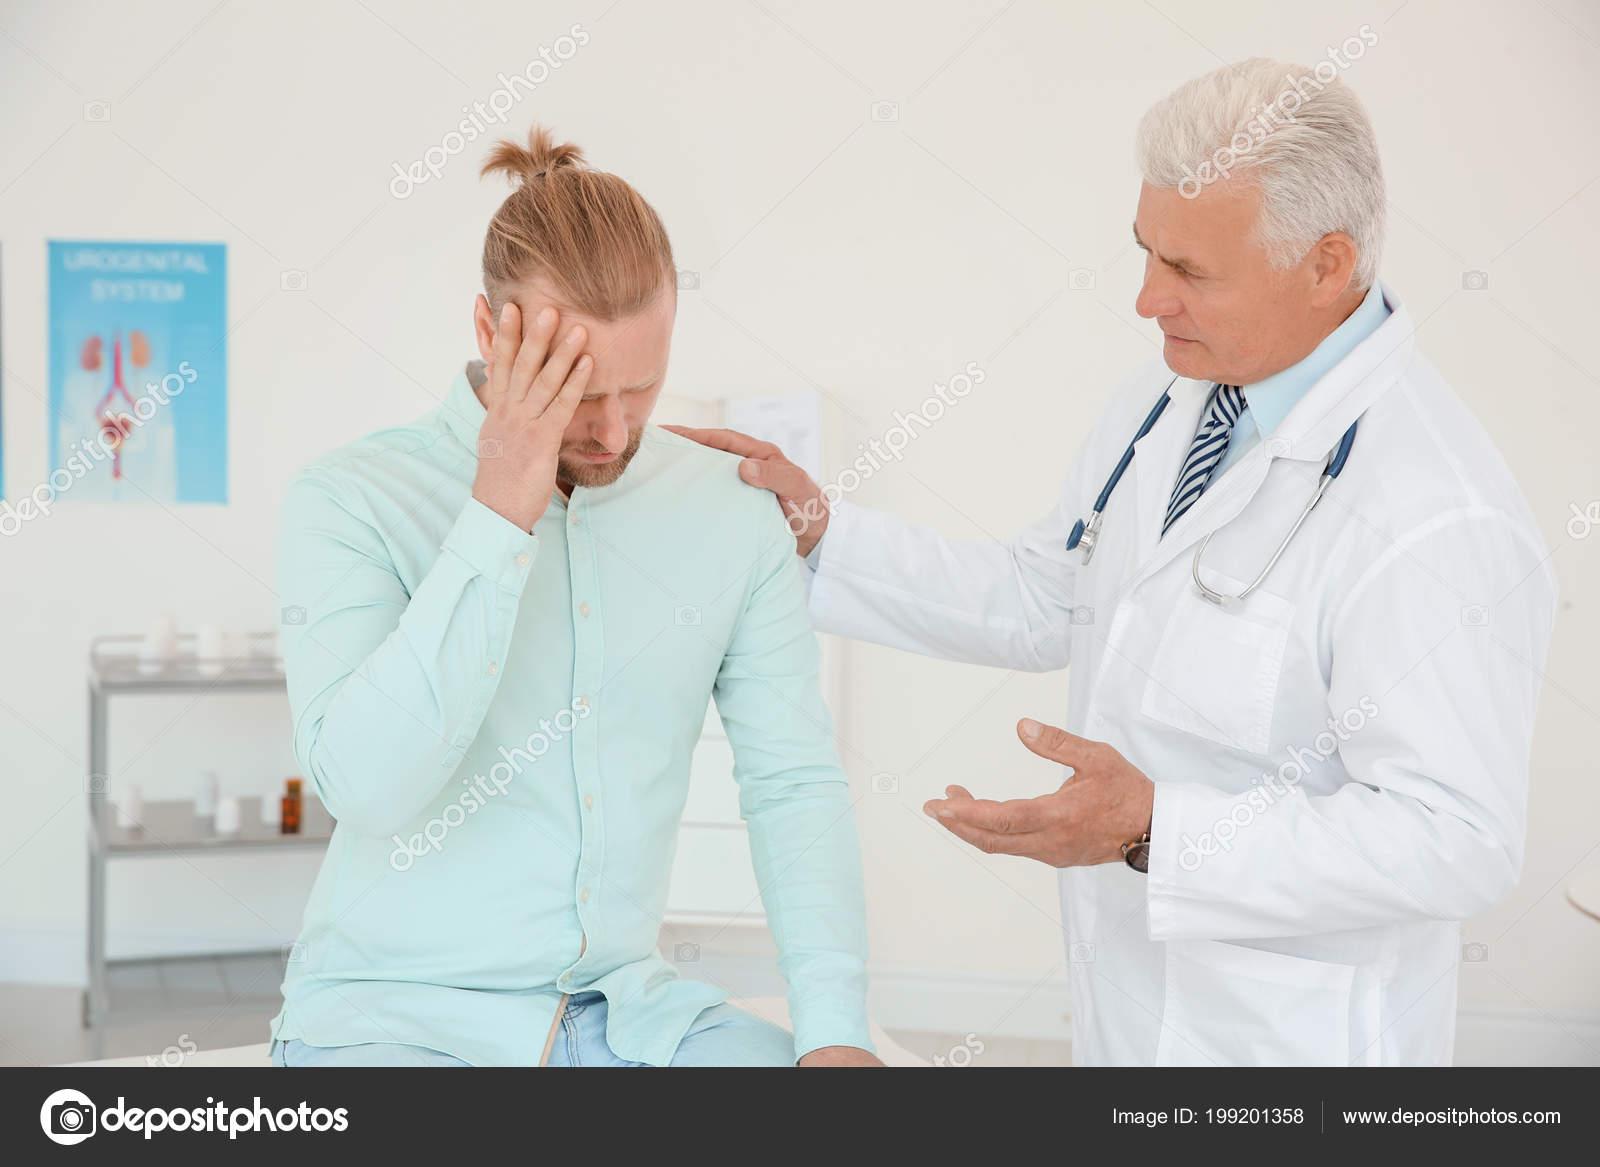 сайт знакомств для людей с проблемами в здоровье